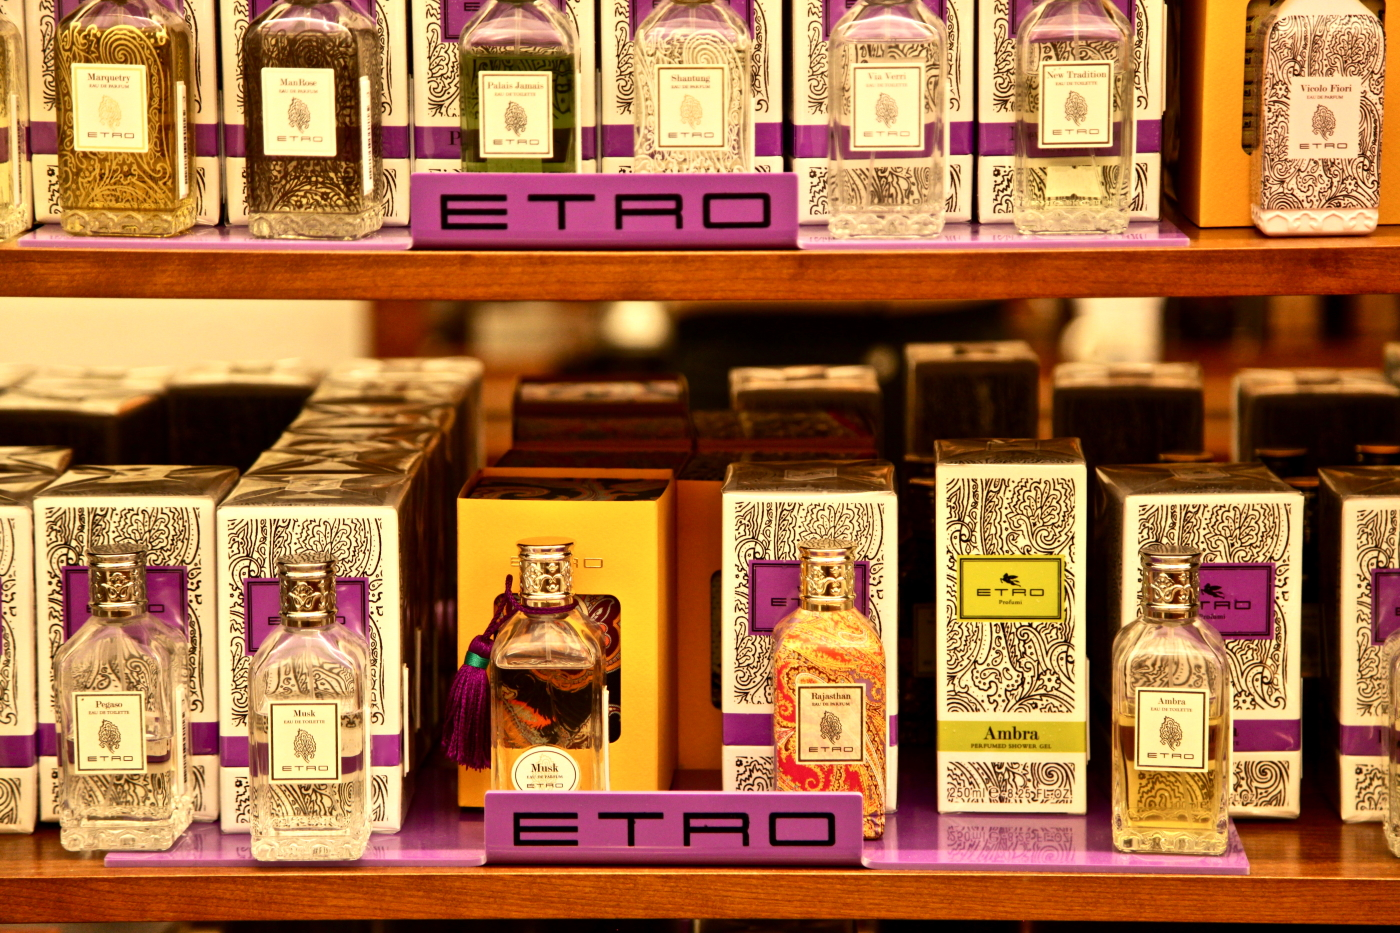 etro-profumi-bottini-perugia